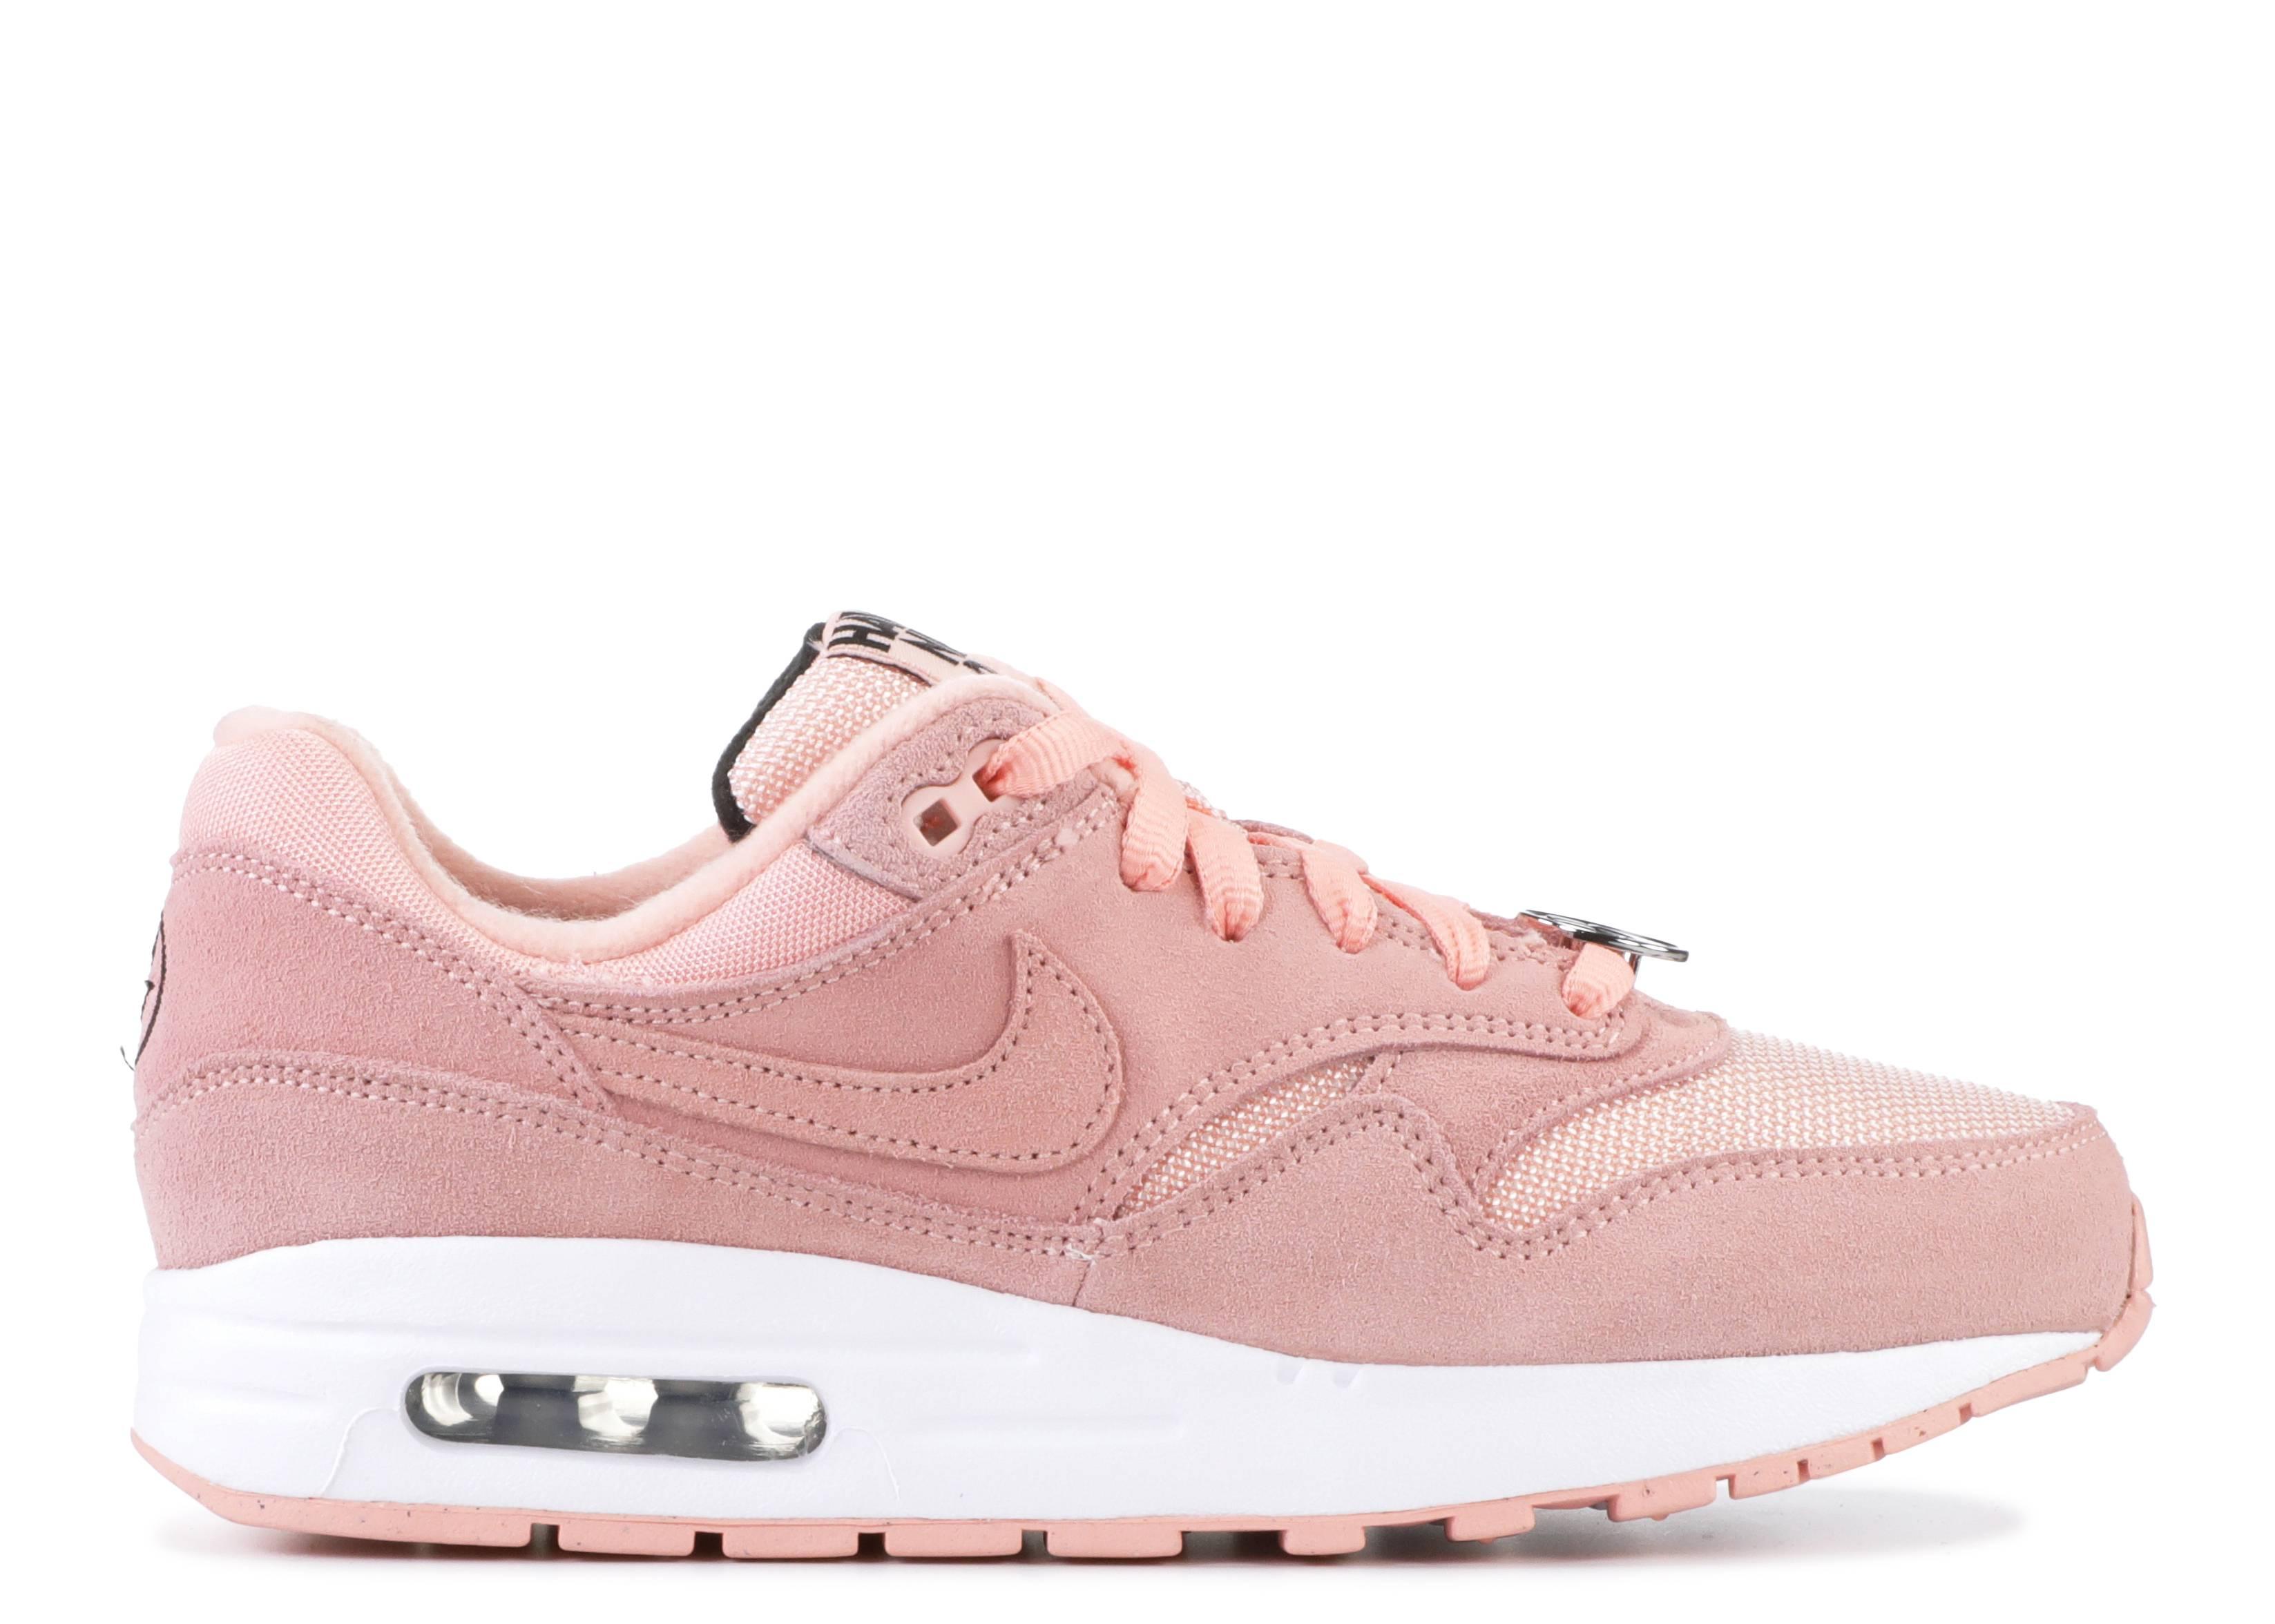 35683d026e1 Nike Air Max 1 GS